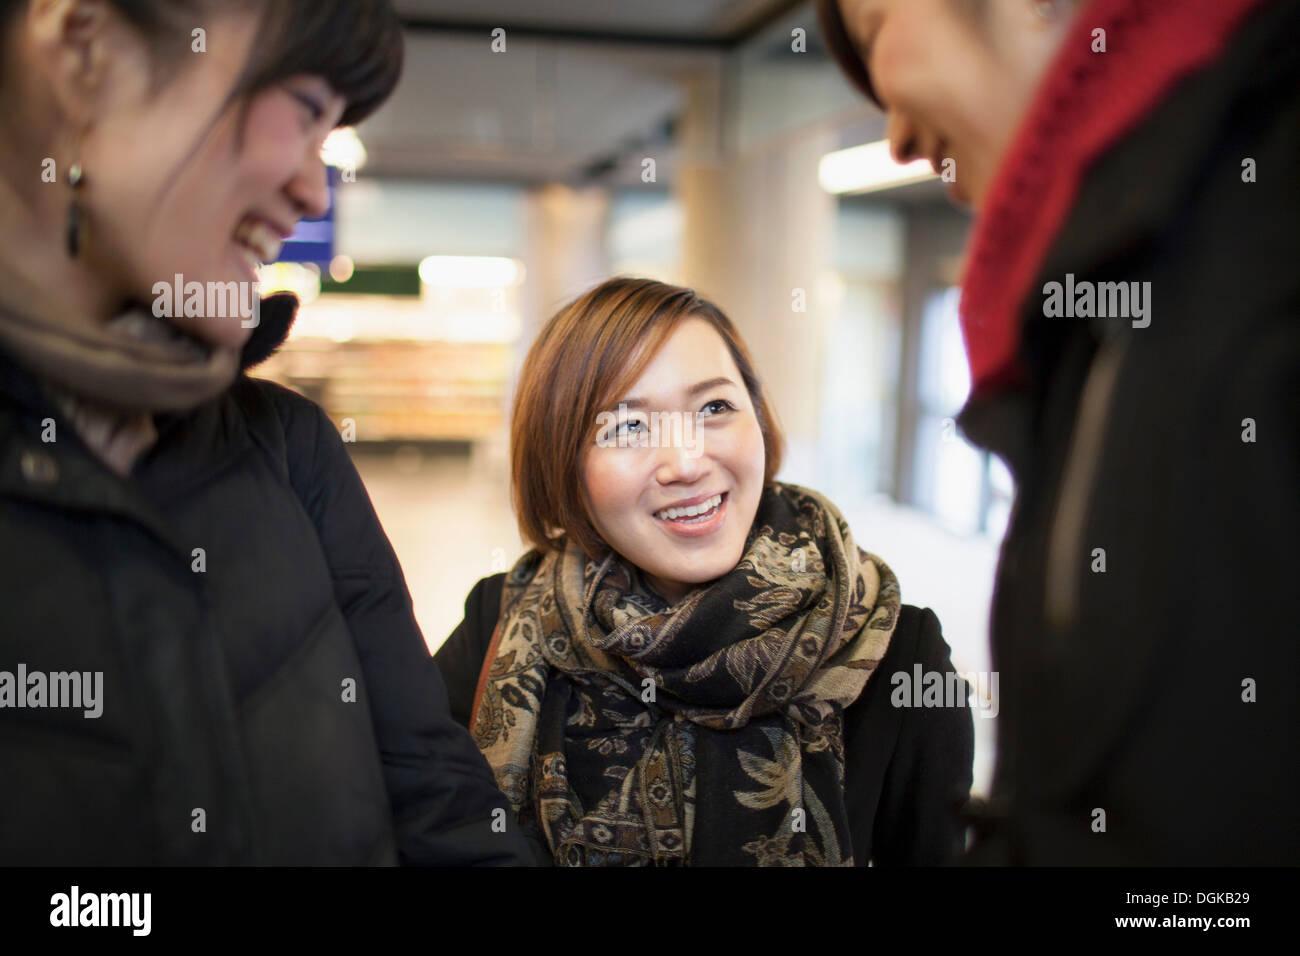 Tres jóvenes mujeres hablando de Asia Imagen De Stock